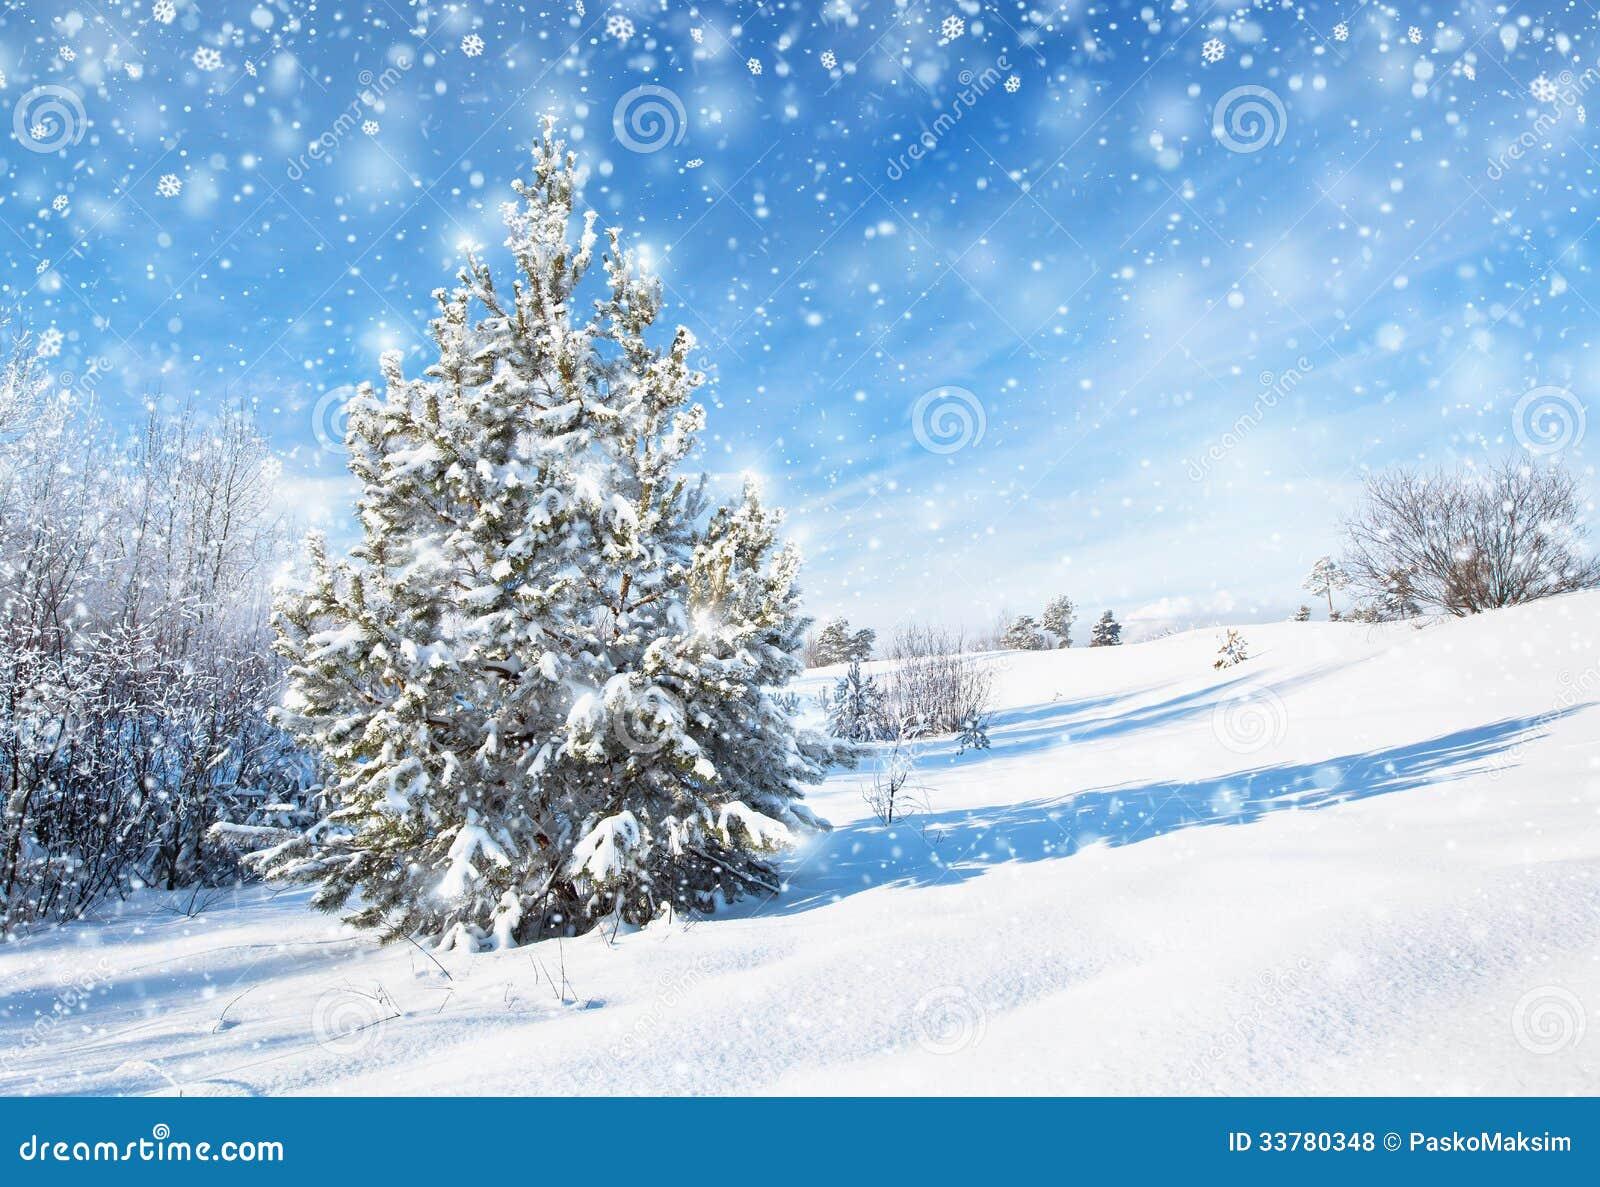 Fond D'hiver Avec Le Sapin Photo Stock. Image Du Conifére